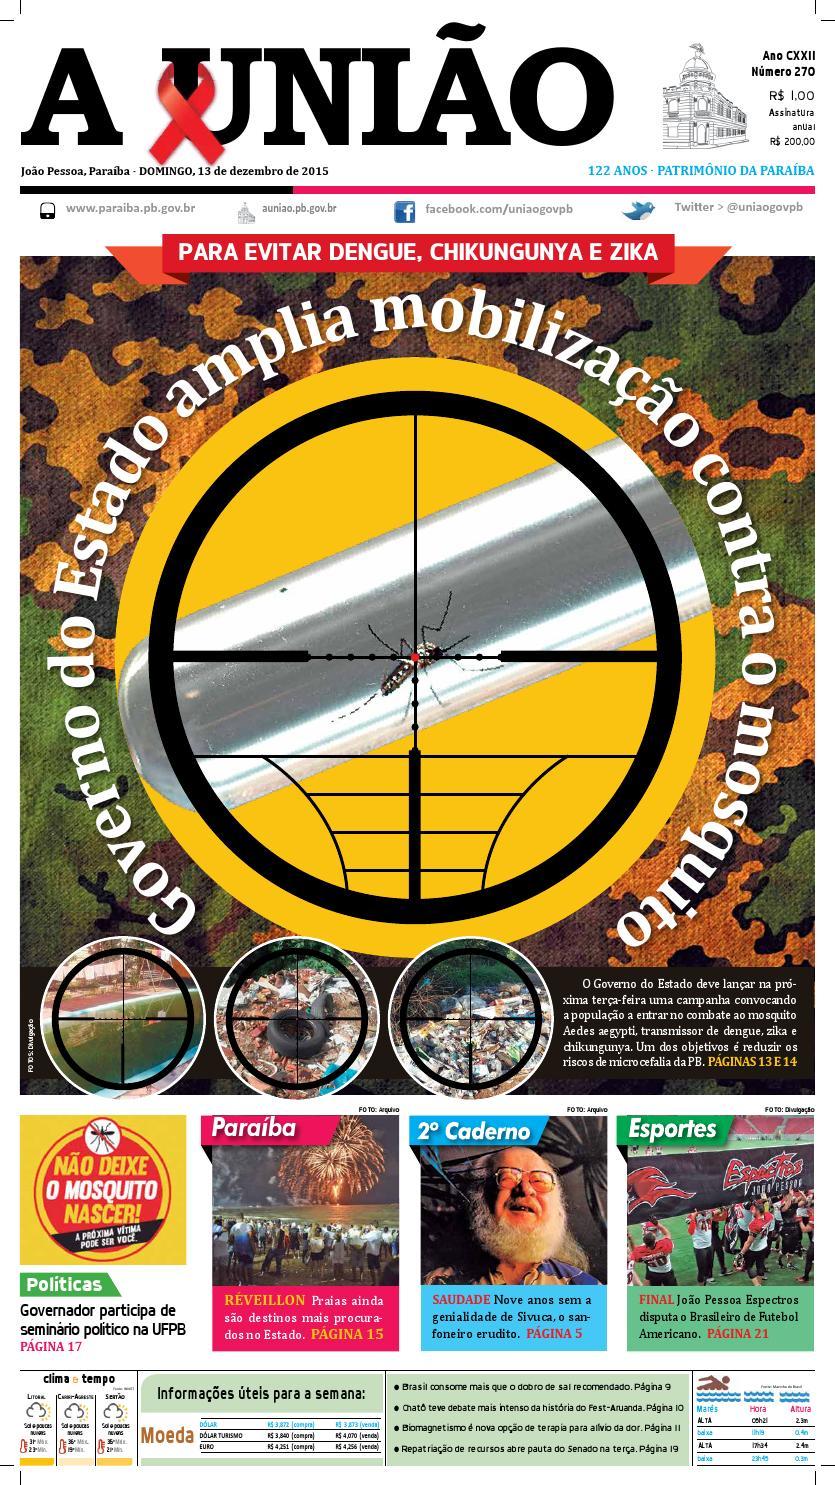 3cddcdacca Jornal A União - 13 12 2015 by Jornal A União - issuu